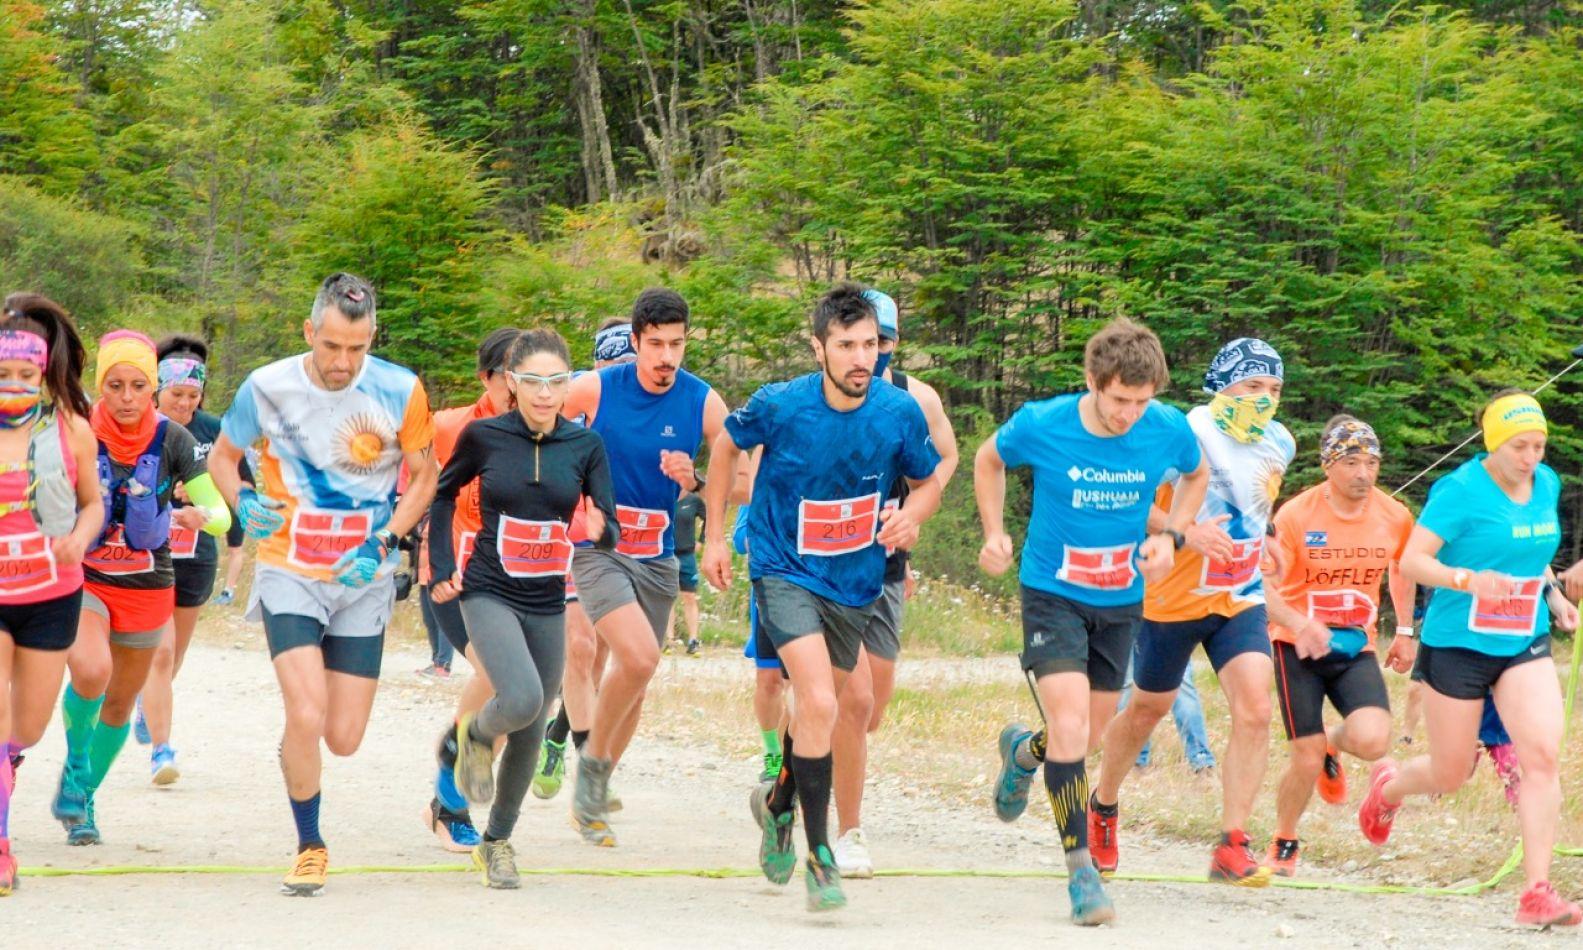 Atletas en la largada del Trail Running Reserva Río Valdéz